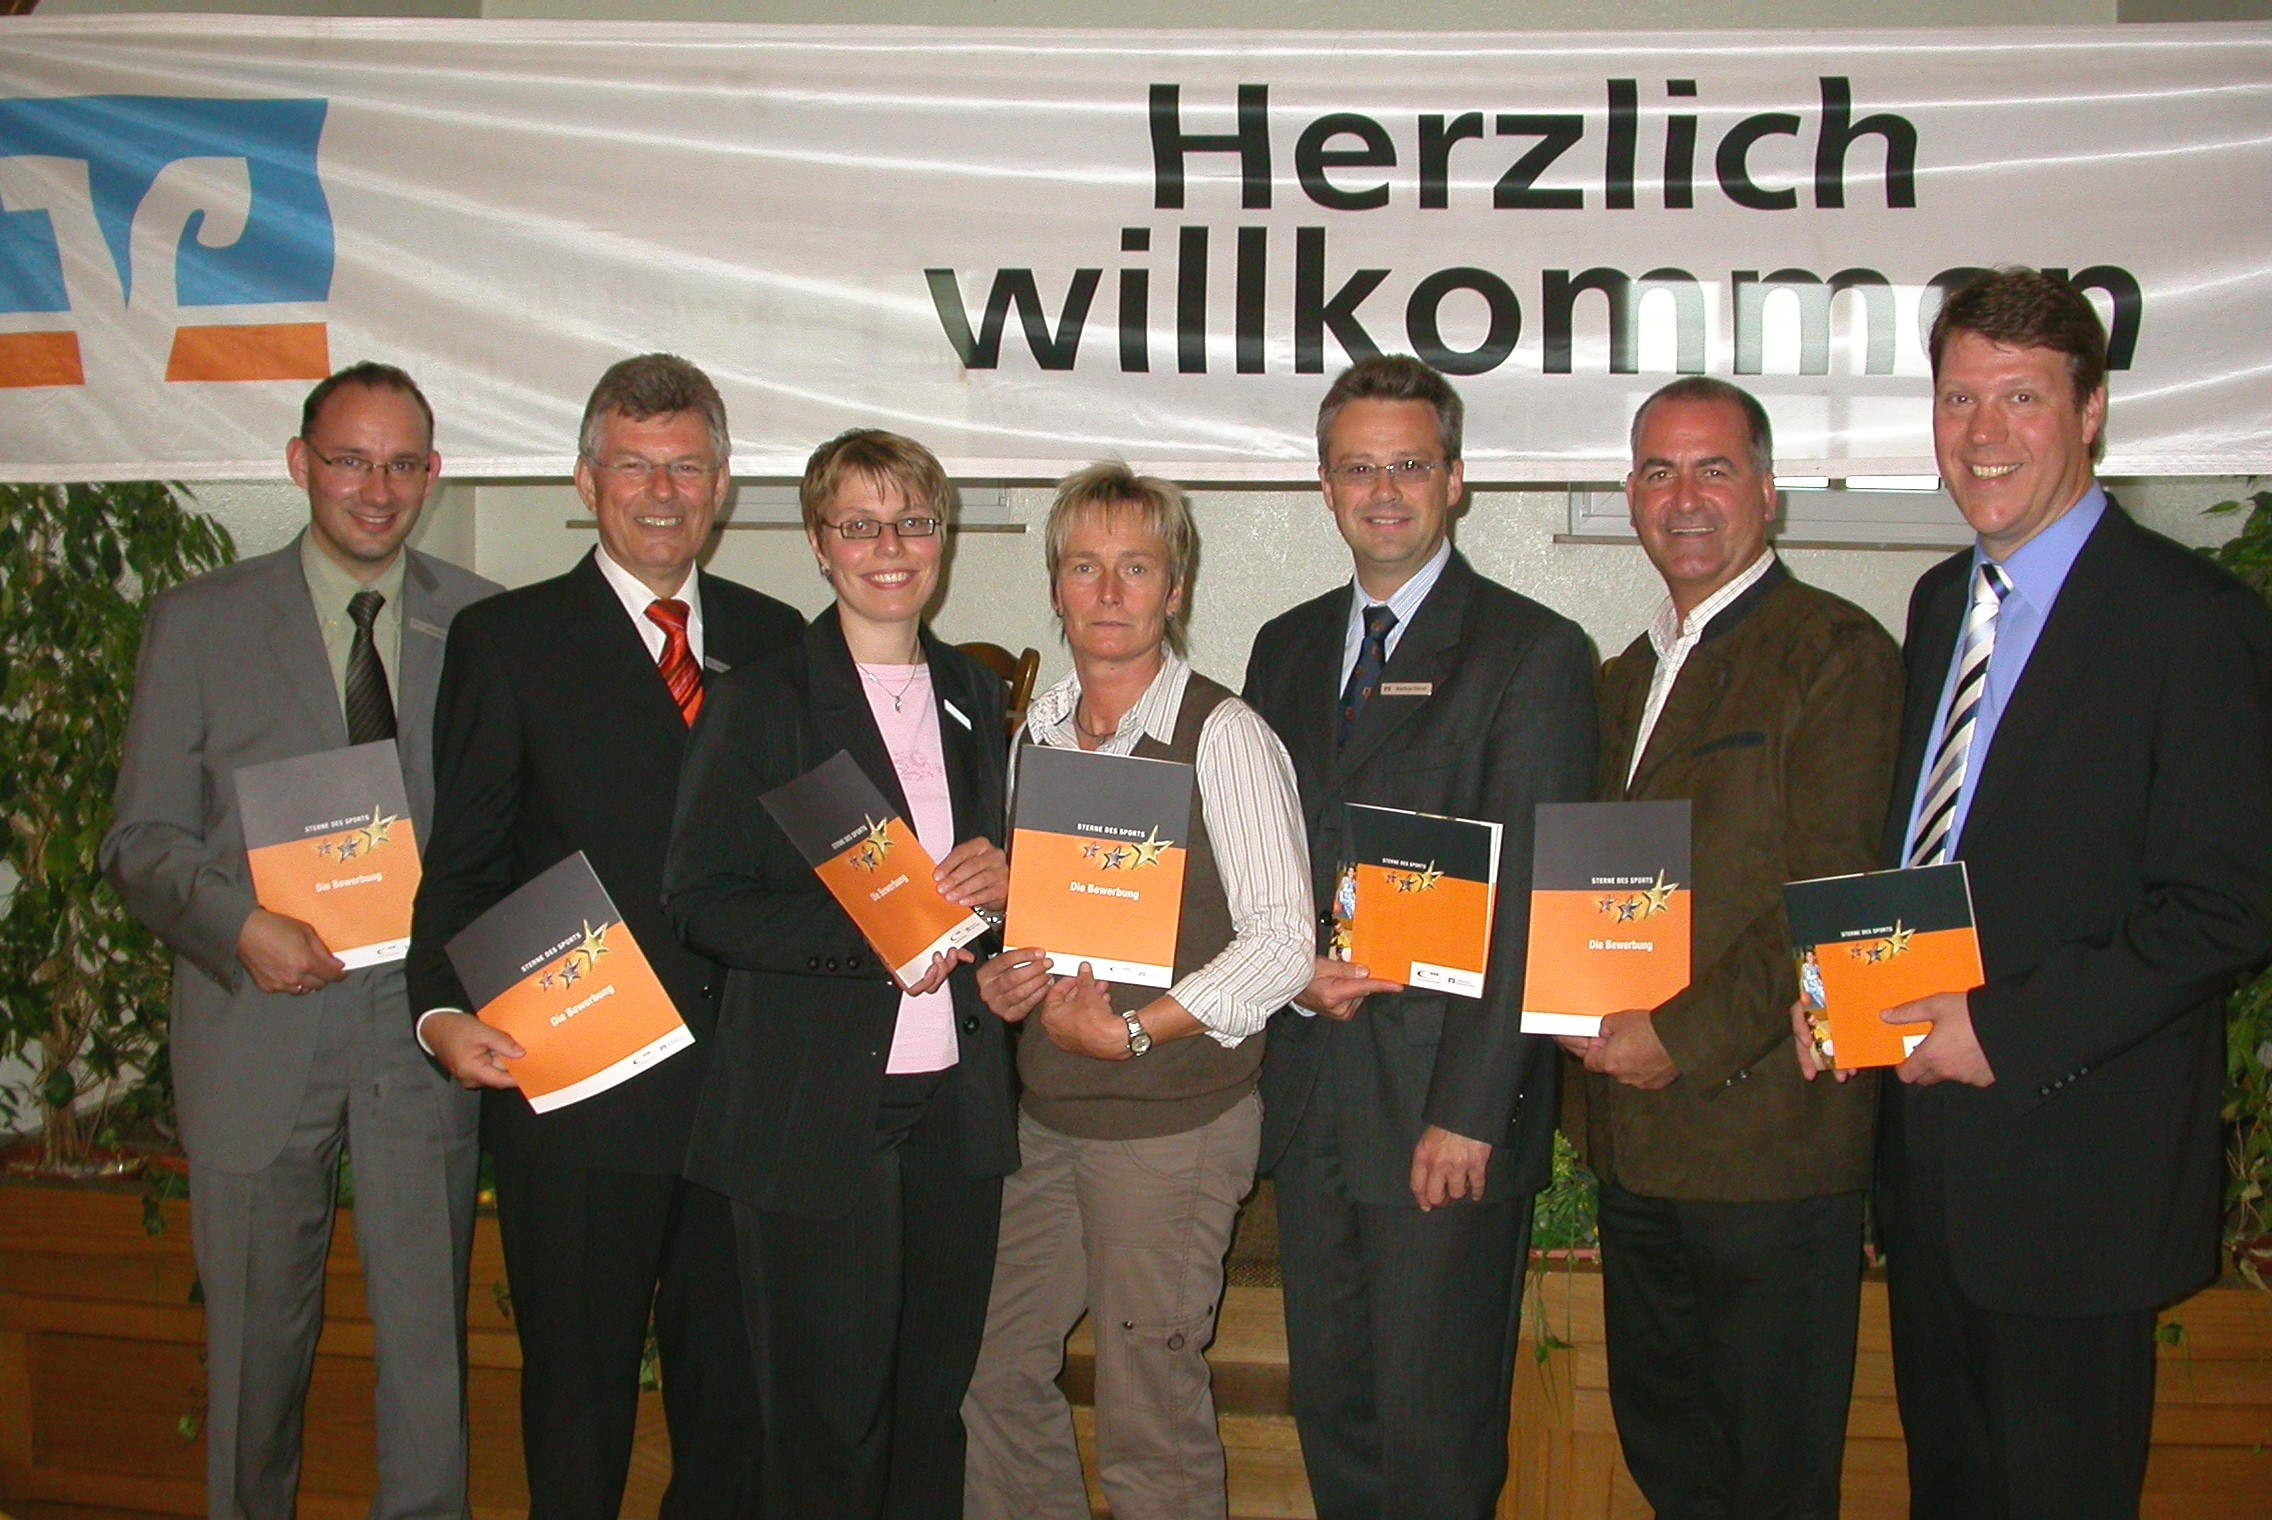 Die Vertreter der Volksbanken und des Kreissportbundes wollen sich für den Wettbewerb stark machen (von links):Sascha Ringe (Osterholz), Herbert Tietjen (Gnarrenburg), Karin Frese (Sottrum), Hella Rosenbrock (KSB), Matthias Dittrich (Sottrum) Werner Hölldobler (KSB) und Uwe Schradick (Zeven)